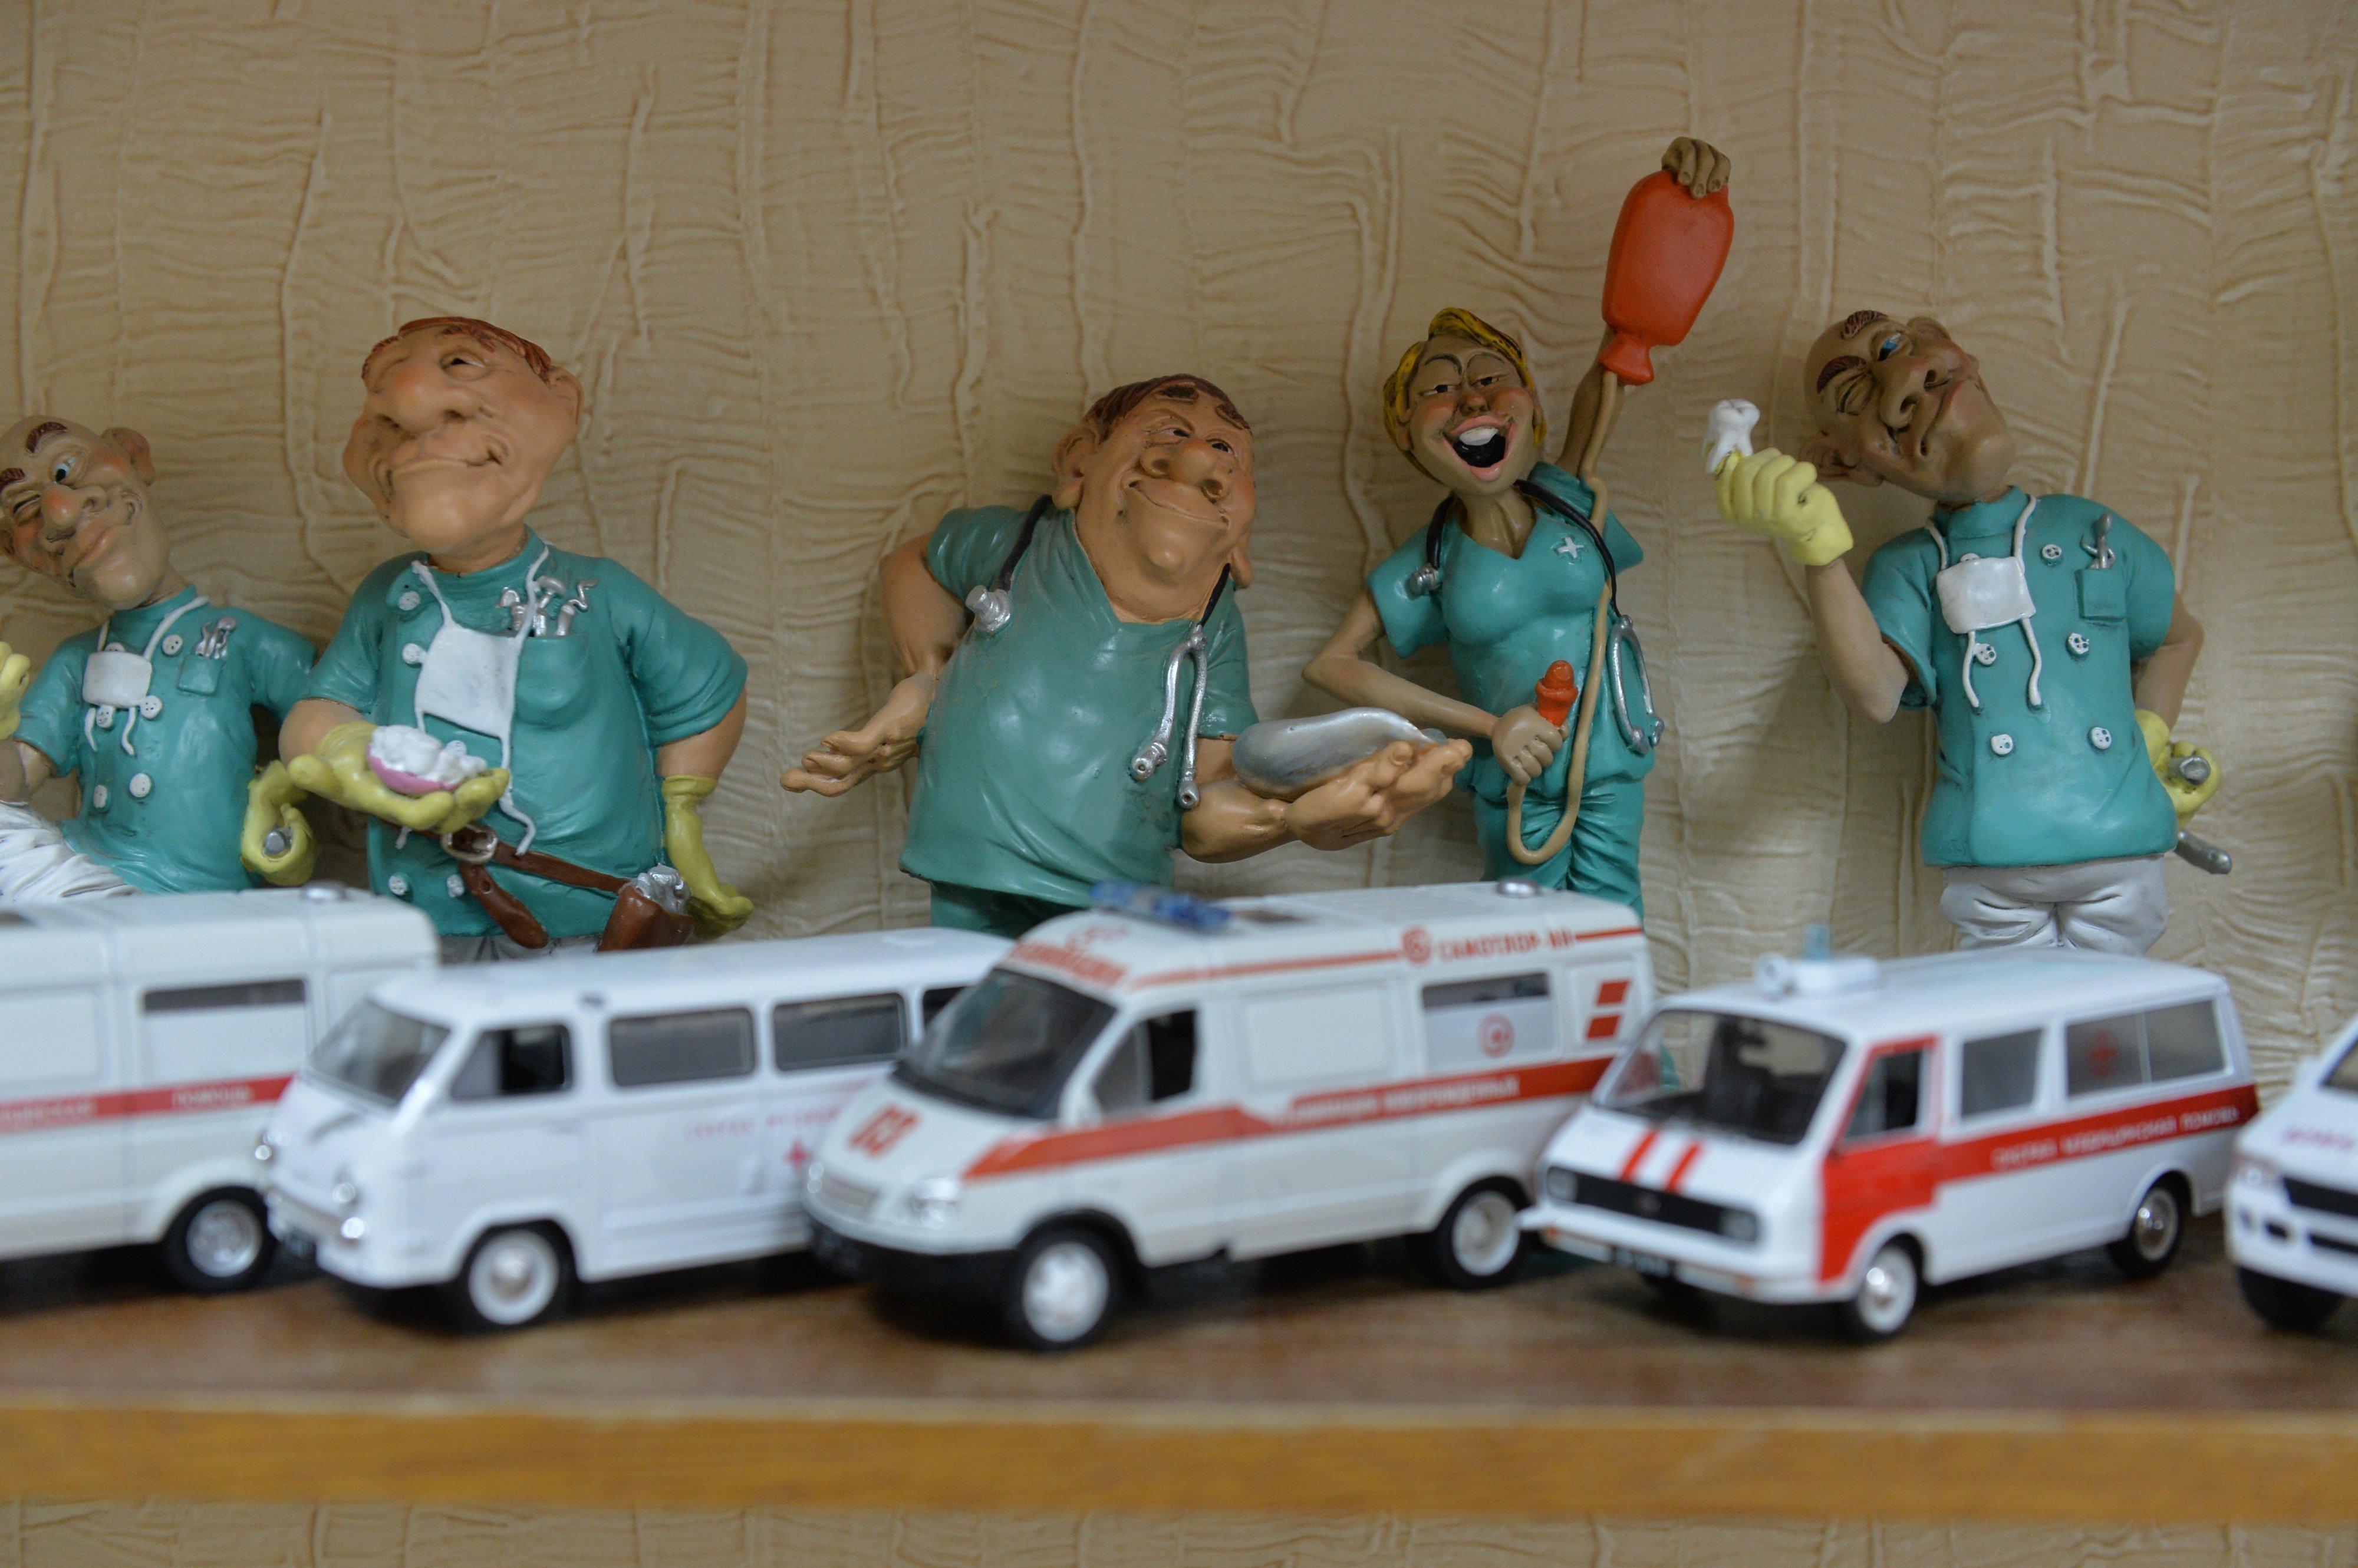 В кабинете доктора - и веселые врачи, и медицинский автопарк, который разрешают трогать детям